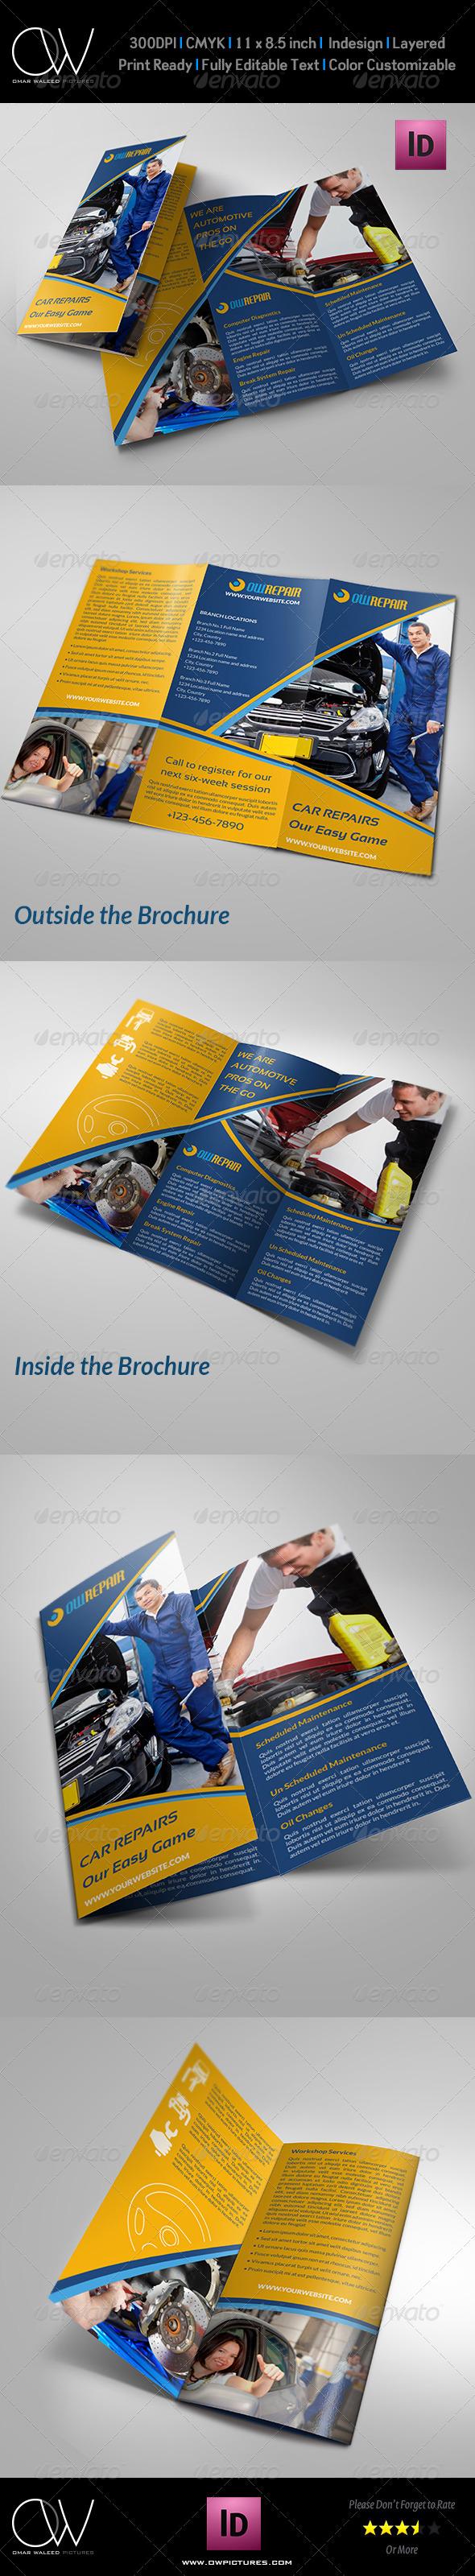 GraphicRiver Car Repair Tri-Fold Company Brochure Template 7701412